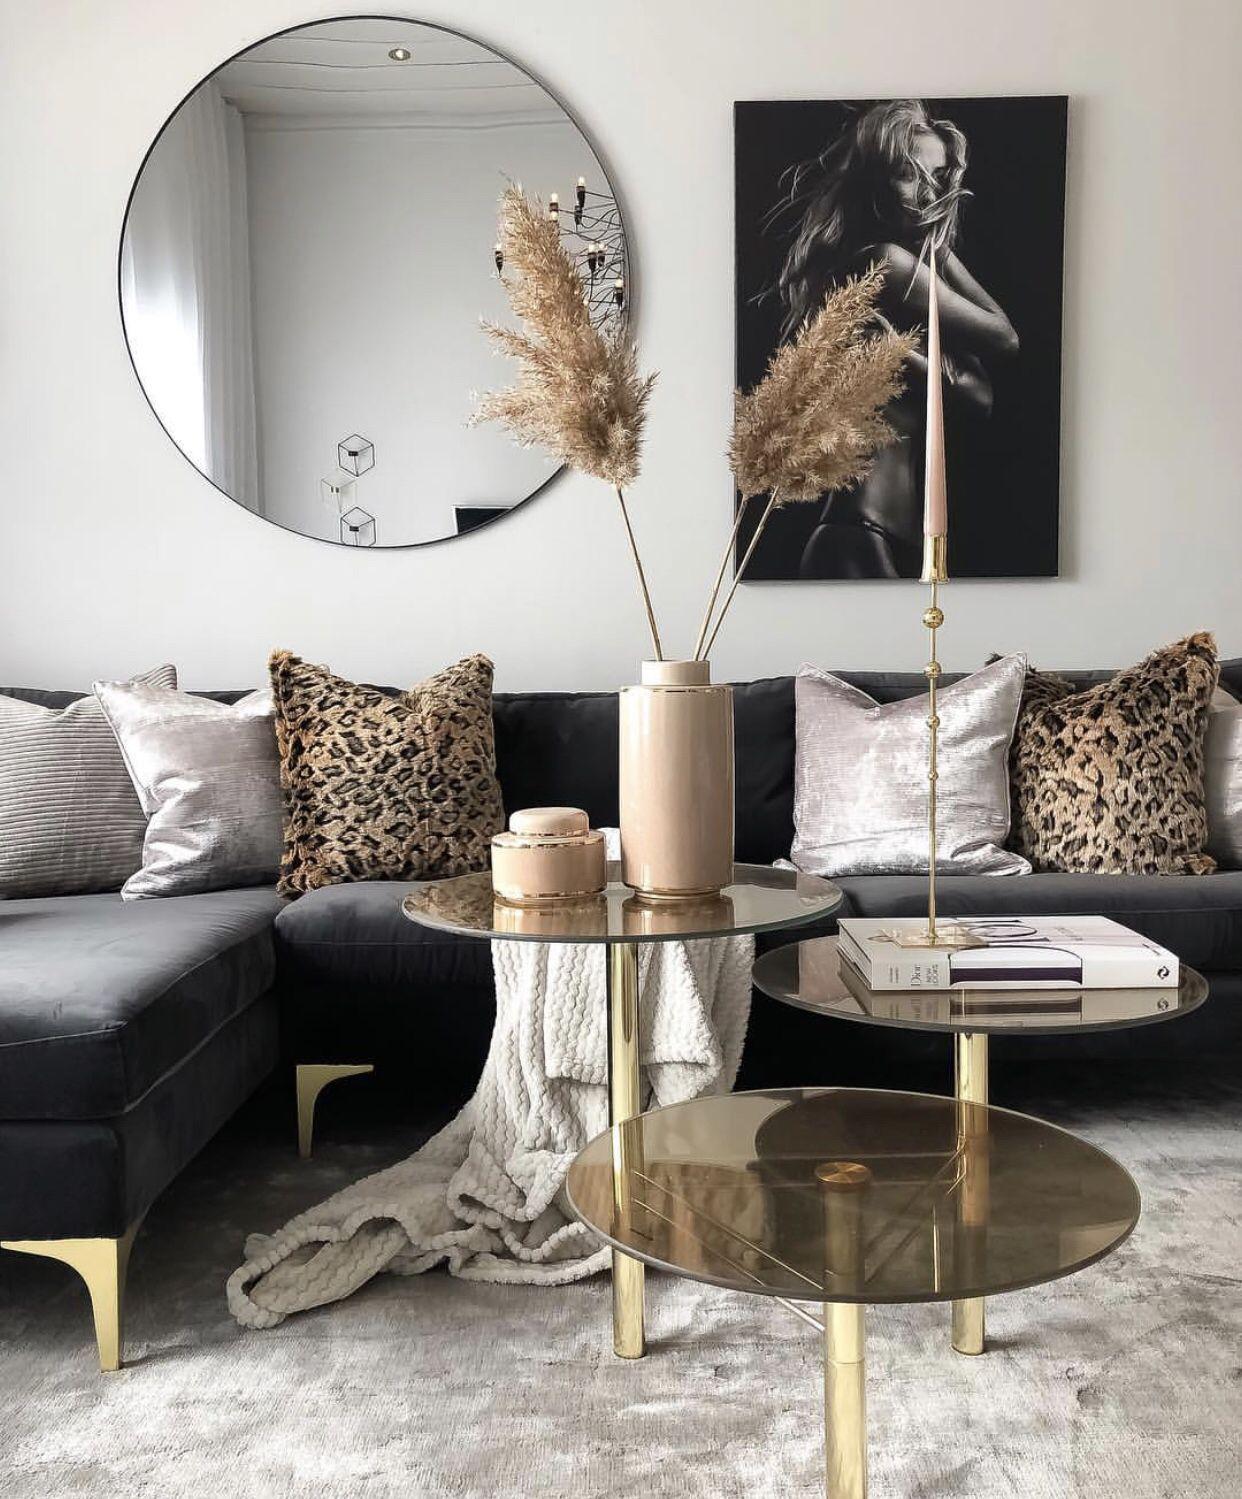 Photo of schwarz und gold vorderes Zimmer Havenlylivingroom schwarz und gold